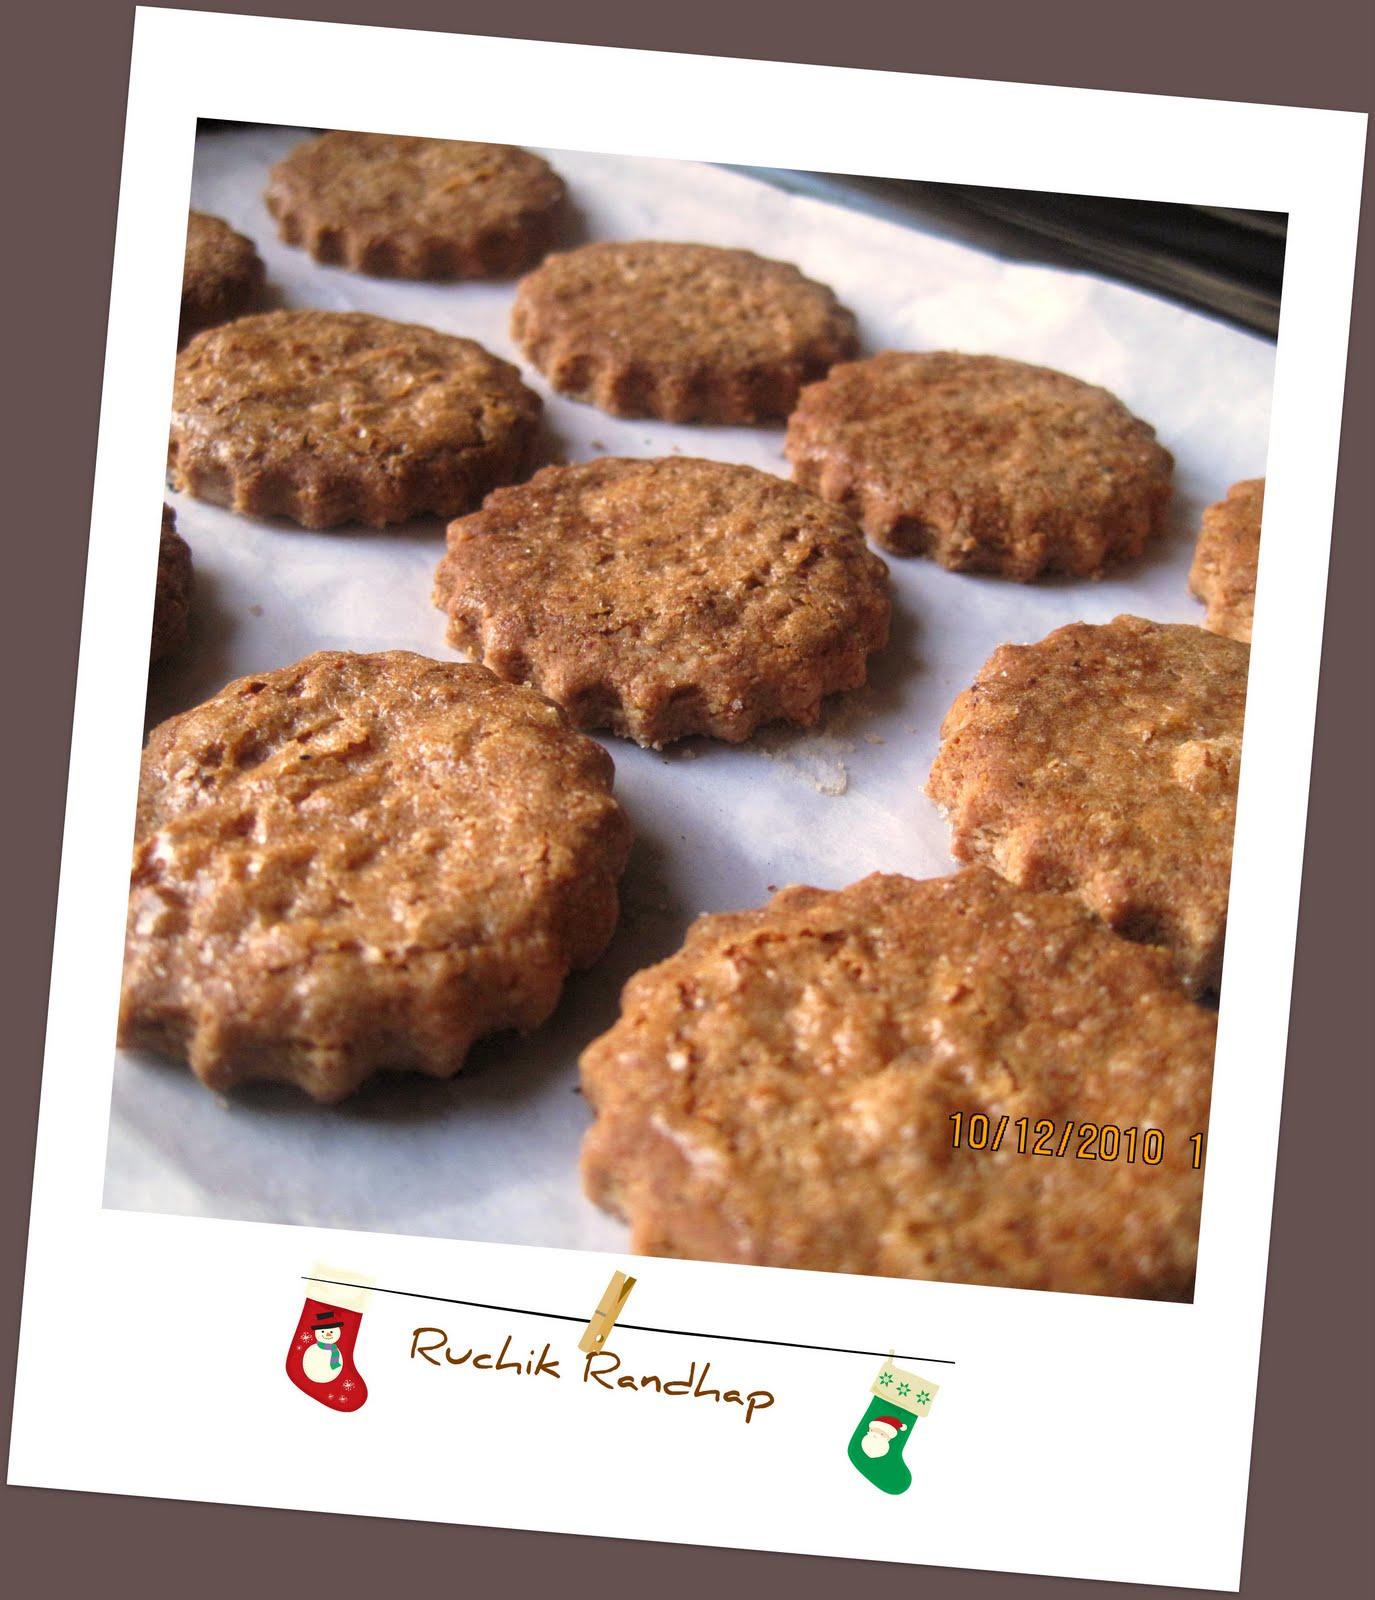 Zimtsterne German Christmas Cookies Ruchik Randhap